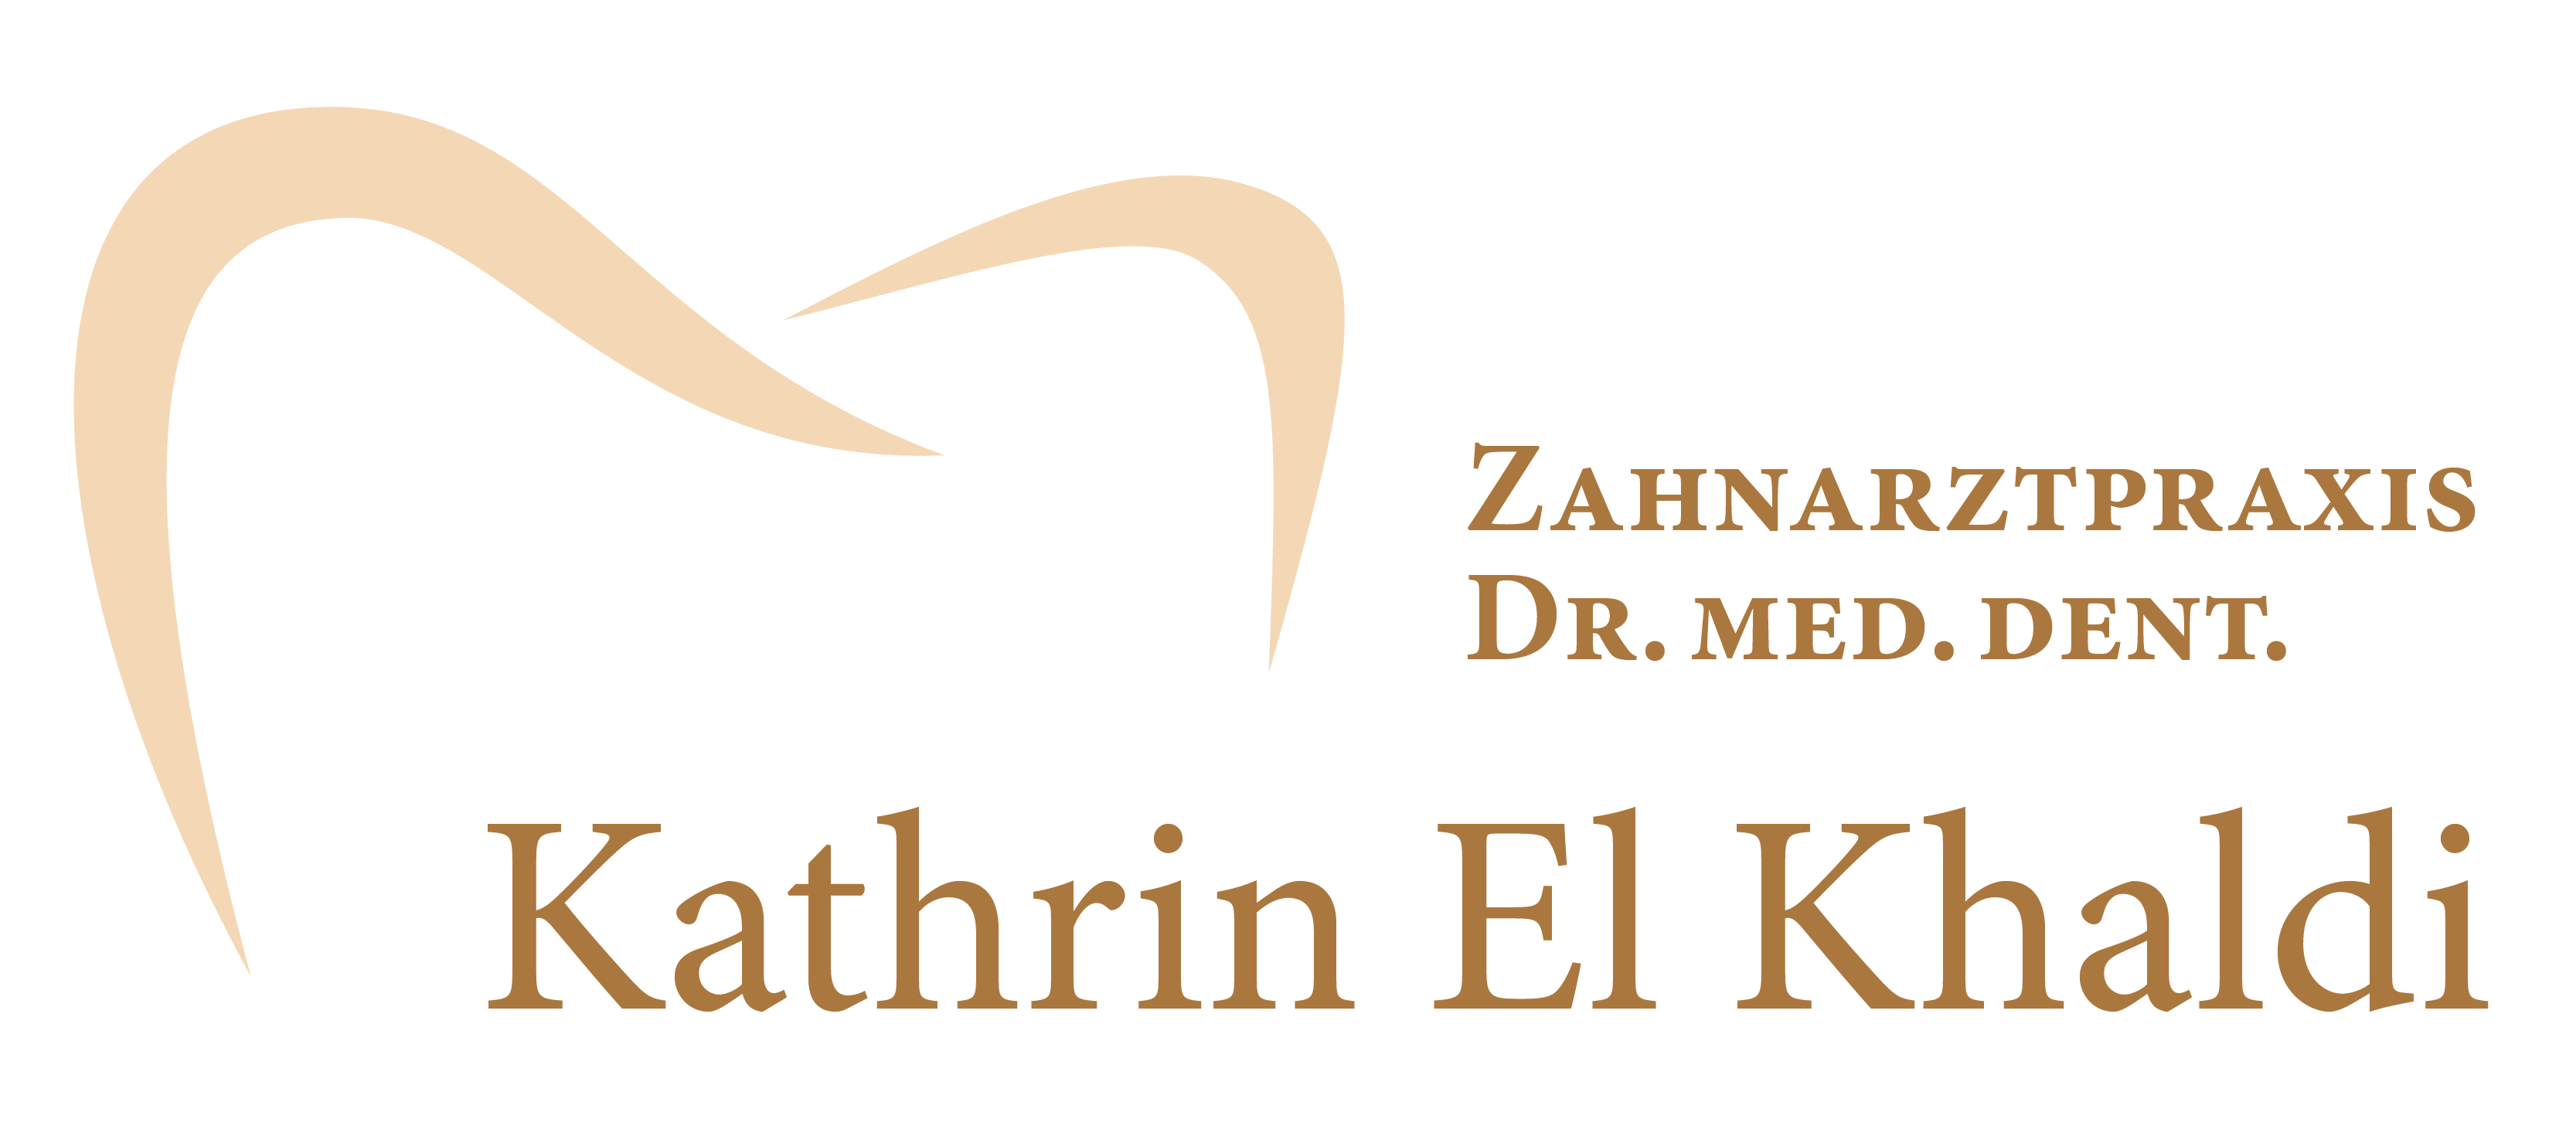 Zahnarztpraxis Dr.med.dent. Kathrin El Khaldi